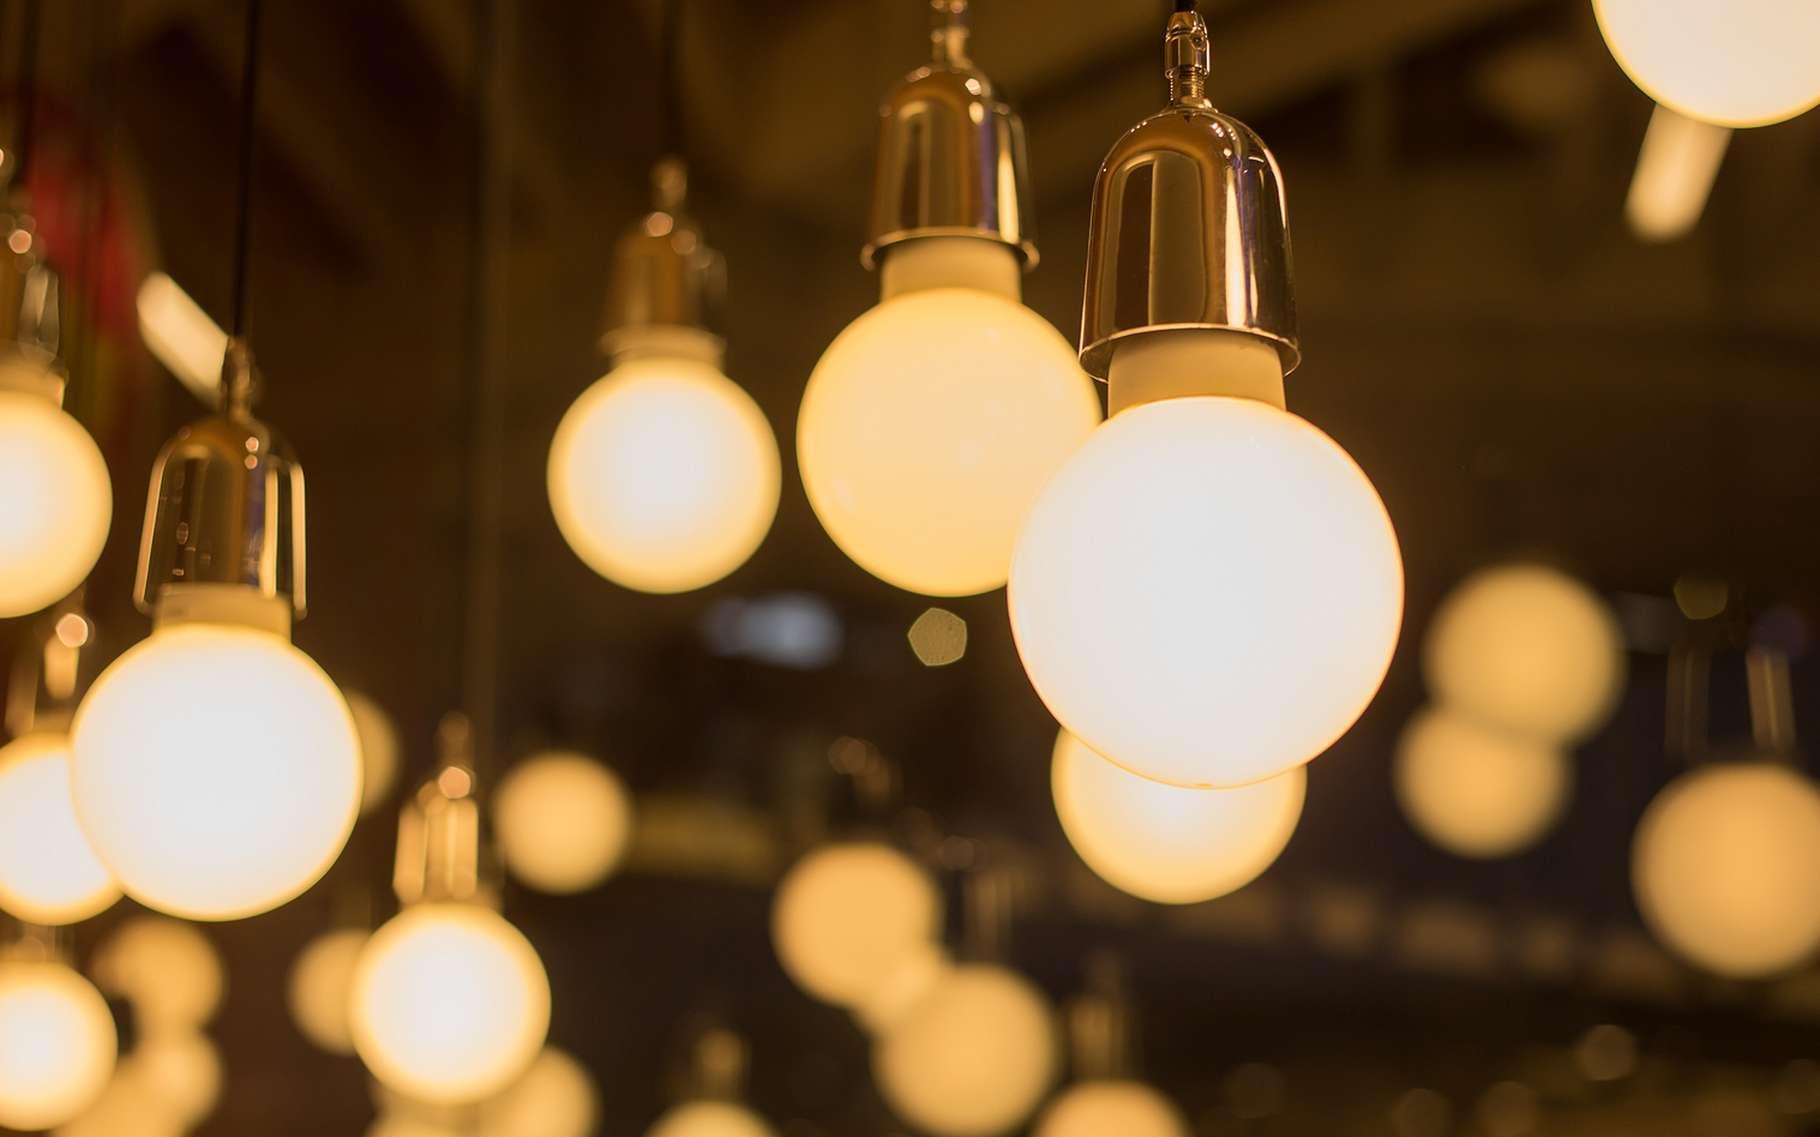 L'option EJP (Effacement des Jours de Pointe) proposée par EDF peut faire bénéficier de 343 jours par an à un tarif plus avantageux. © Phovoir, Shutterstock